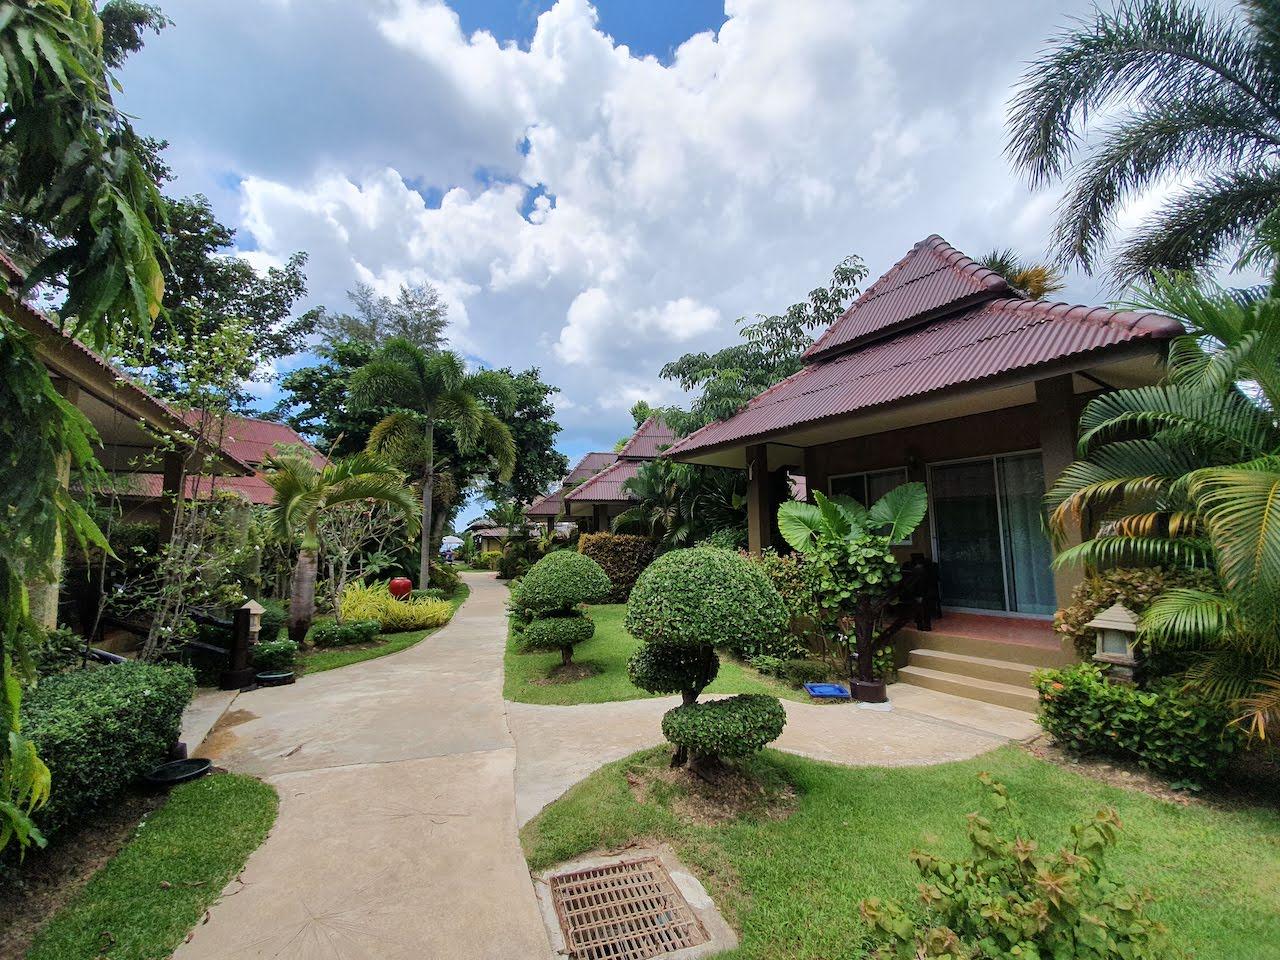 koh lanta castaway resort garden